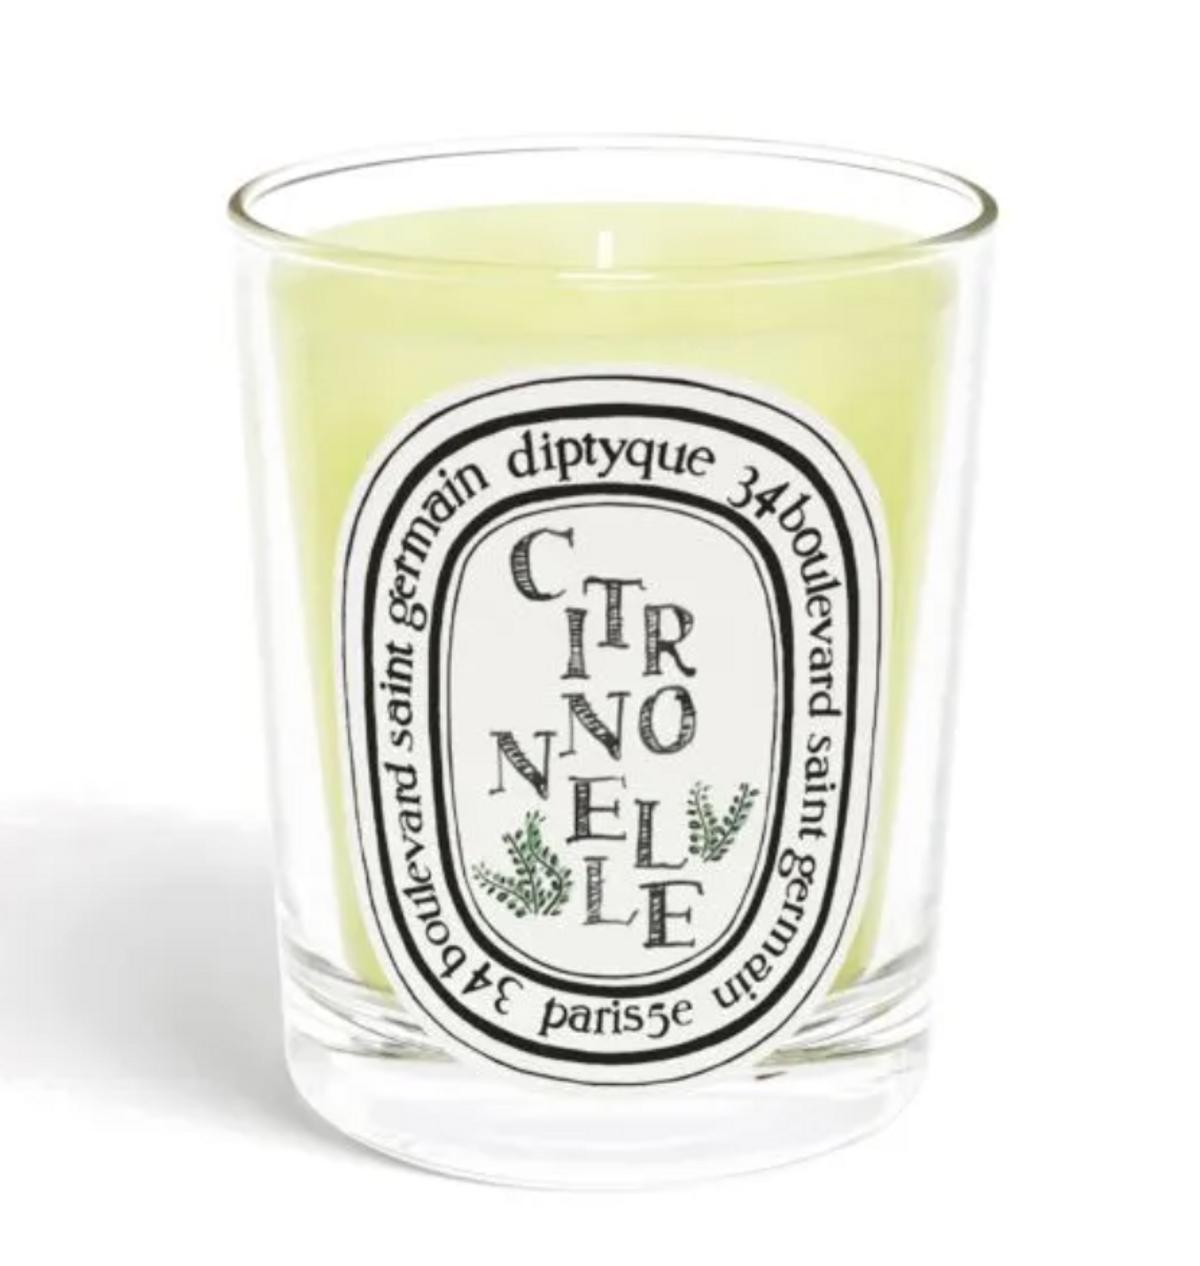 Citronnelle / Lemongrass Candle